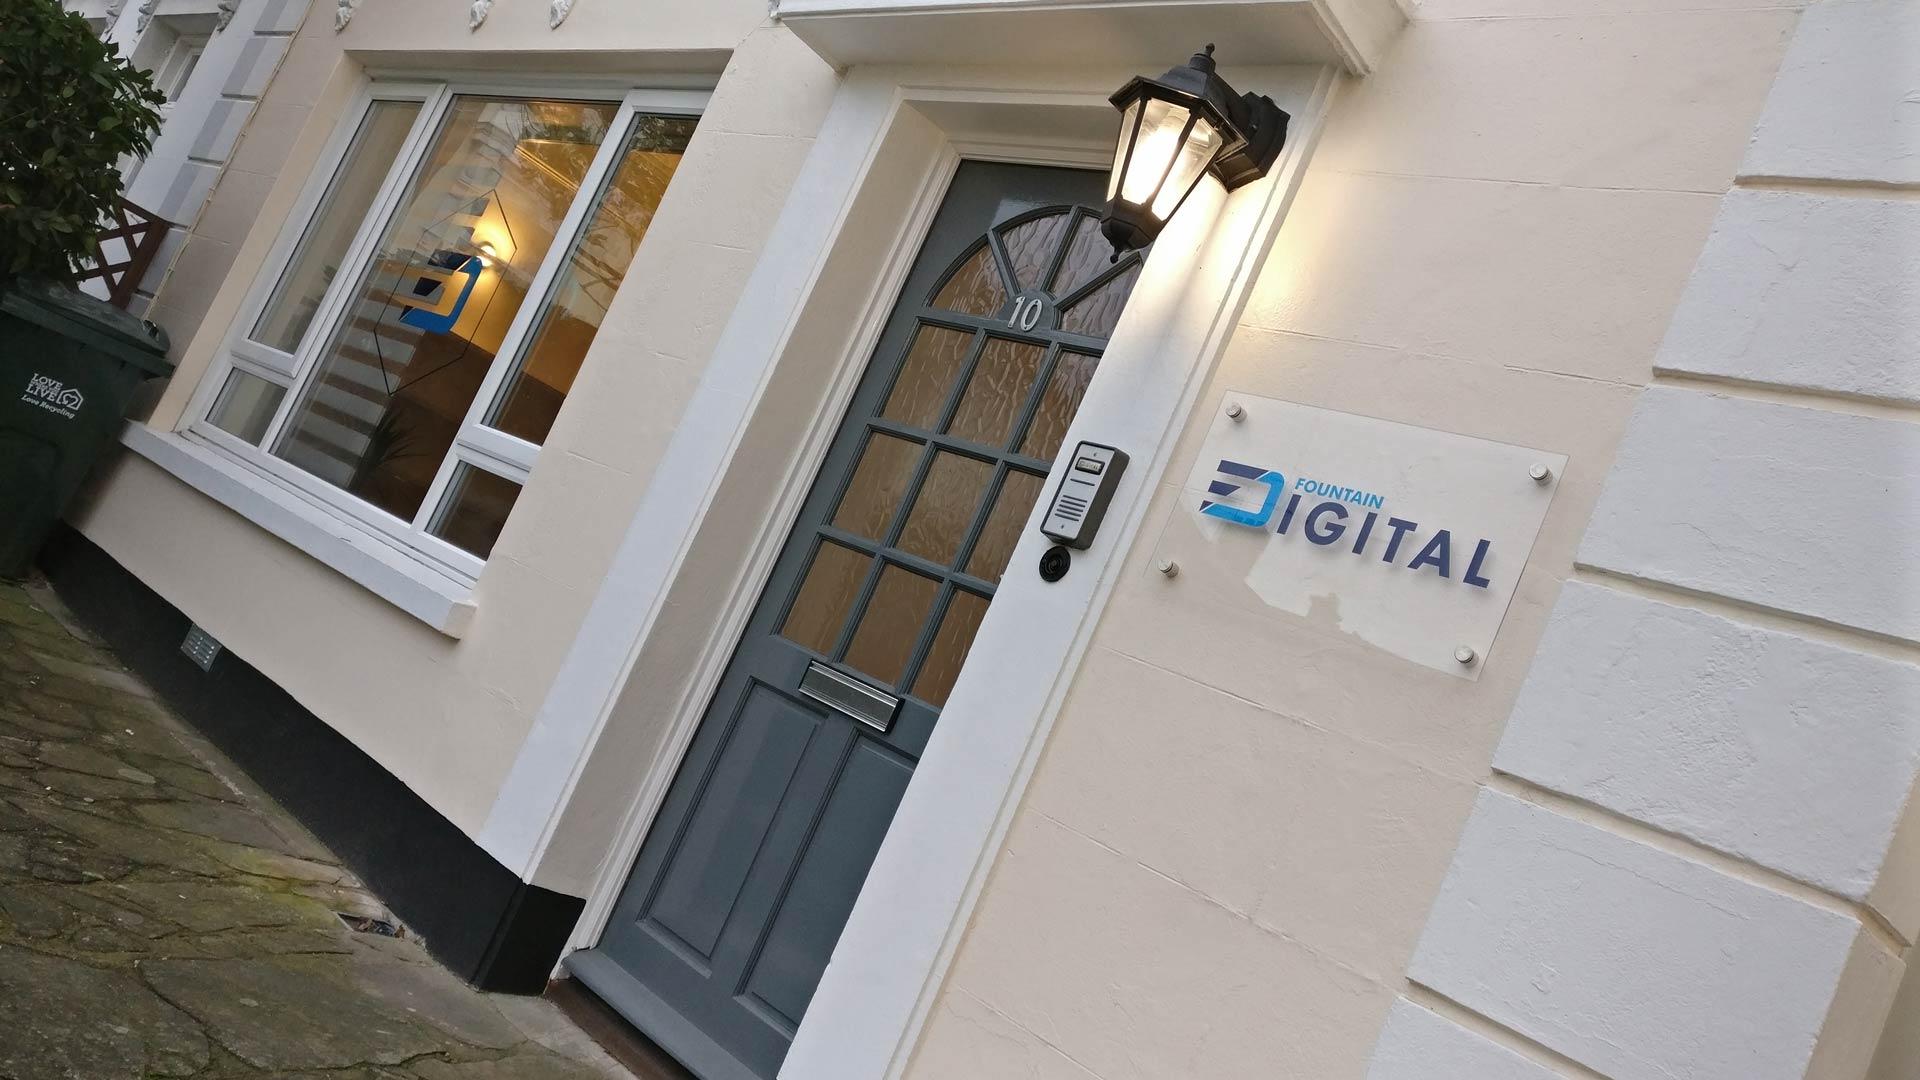 Fountain Digital office front door